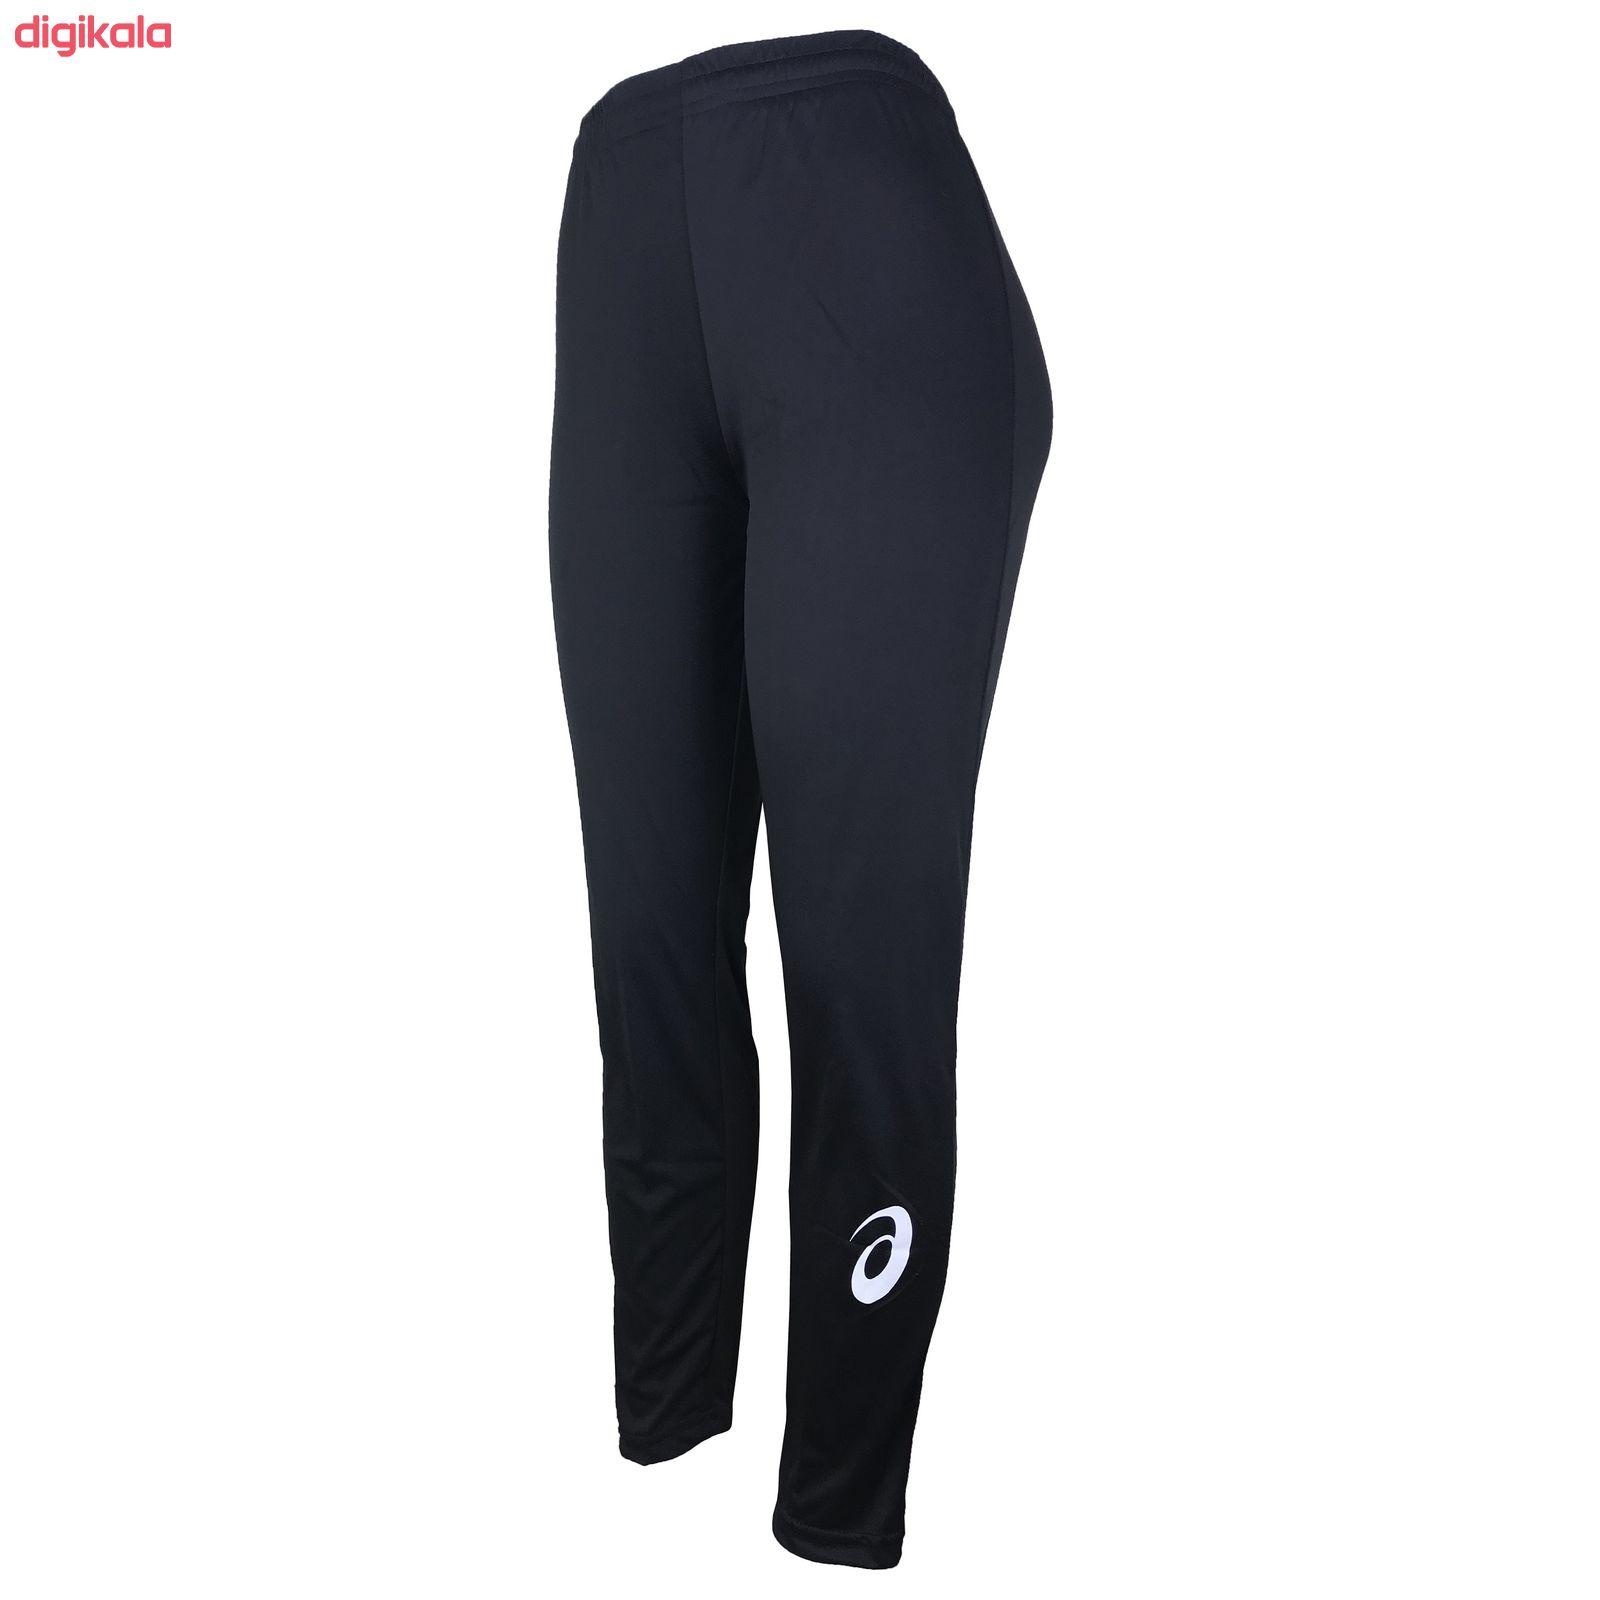 ست گرمکن و شلوار ورزشی زنانه مدل AC-BL20 main 1 3